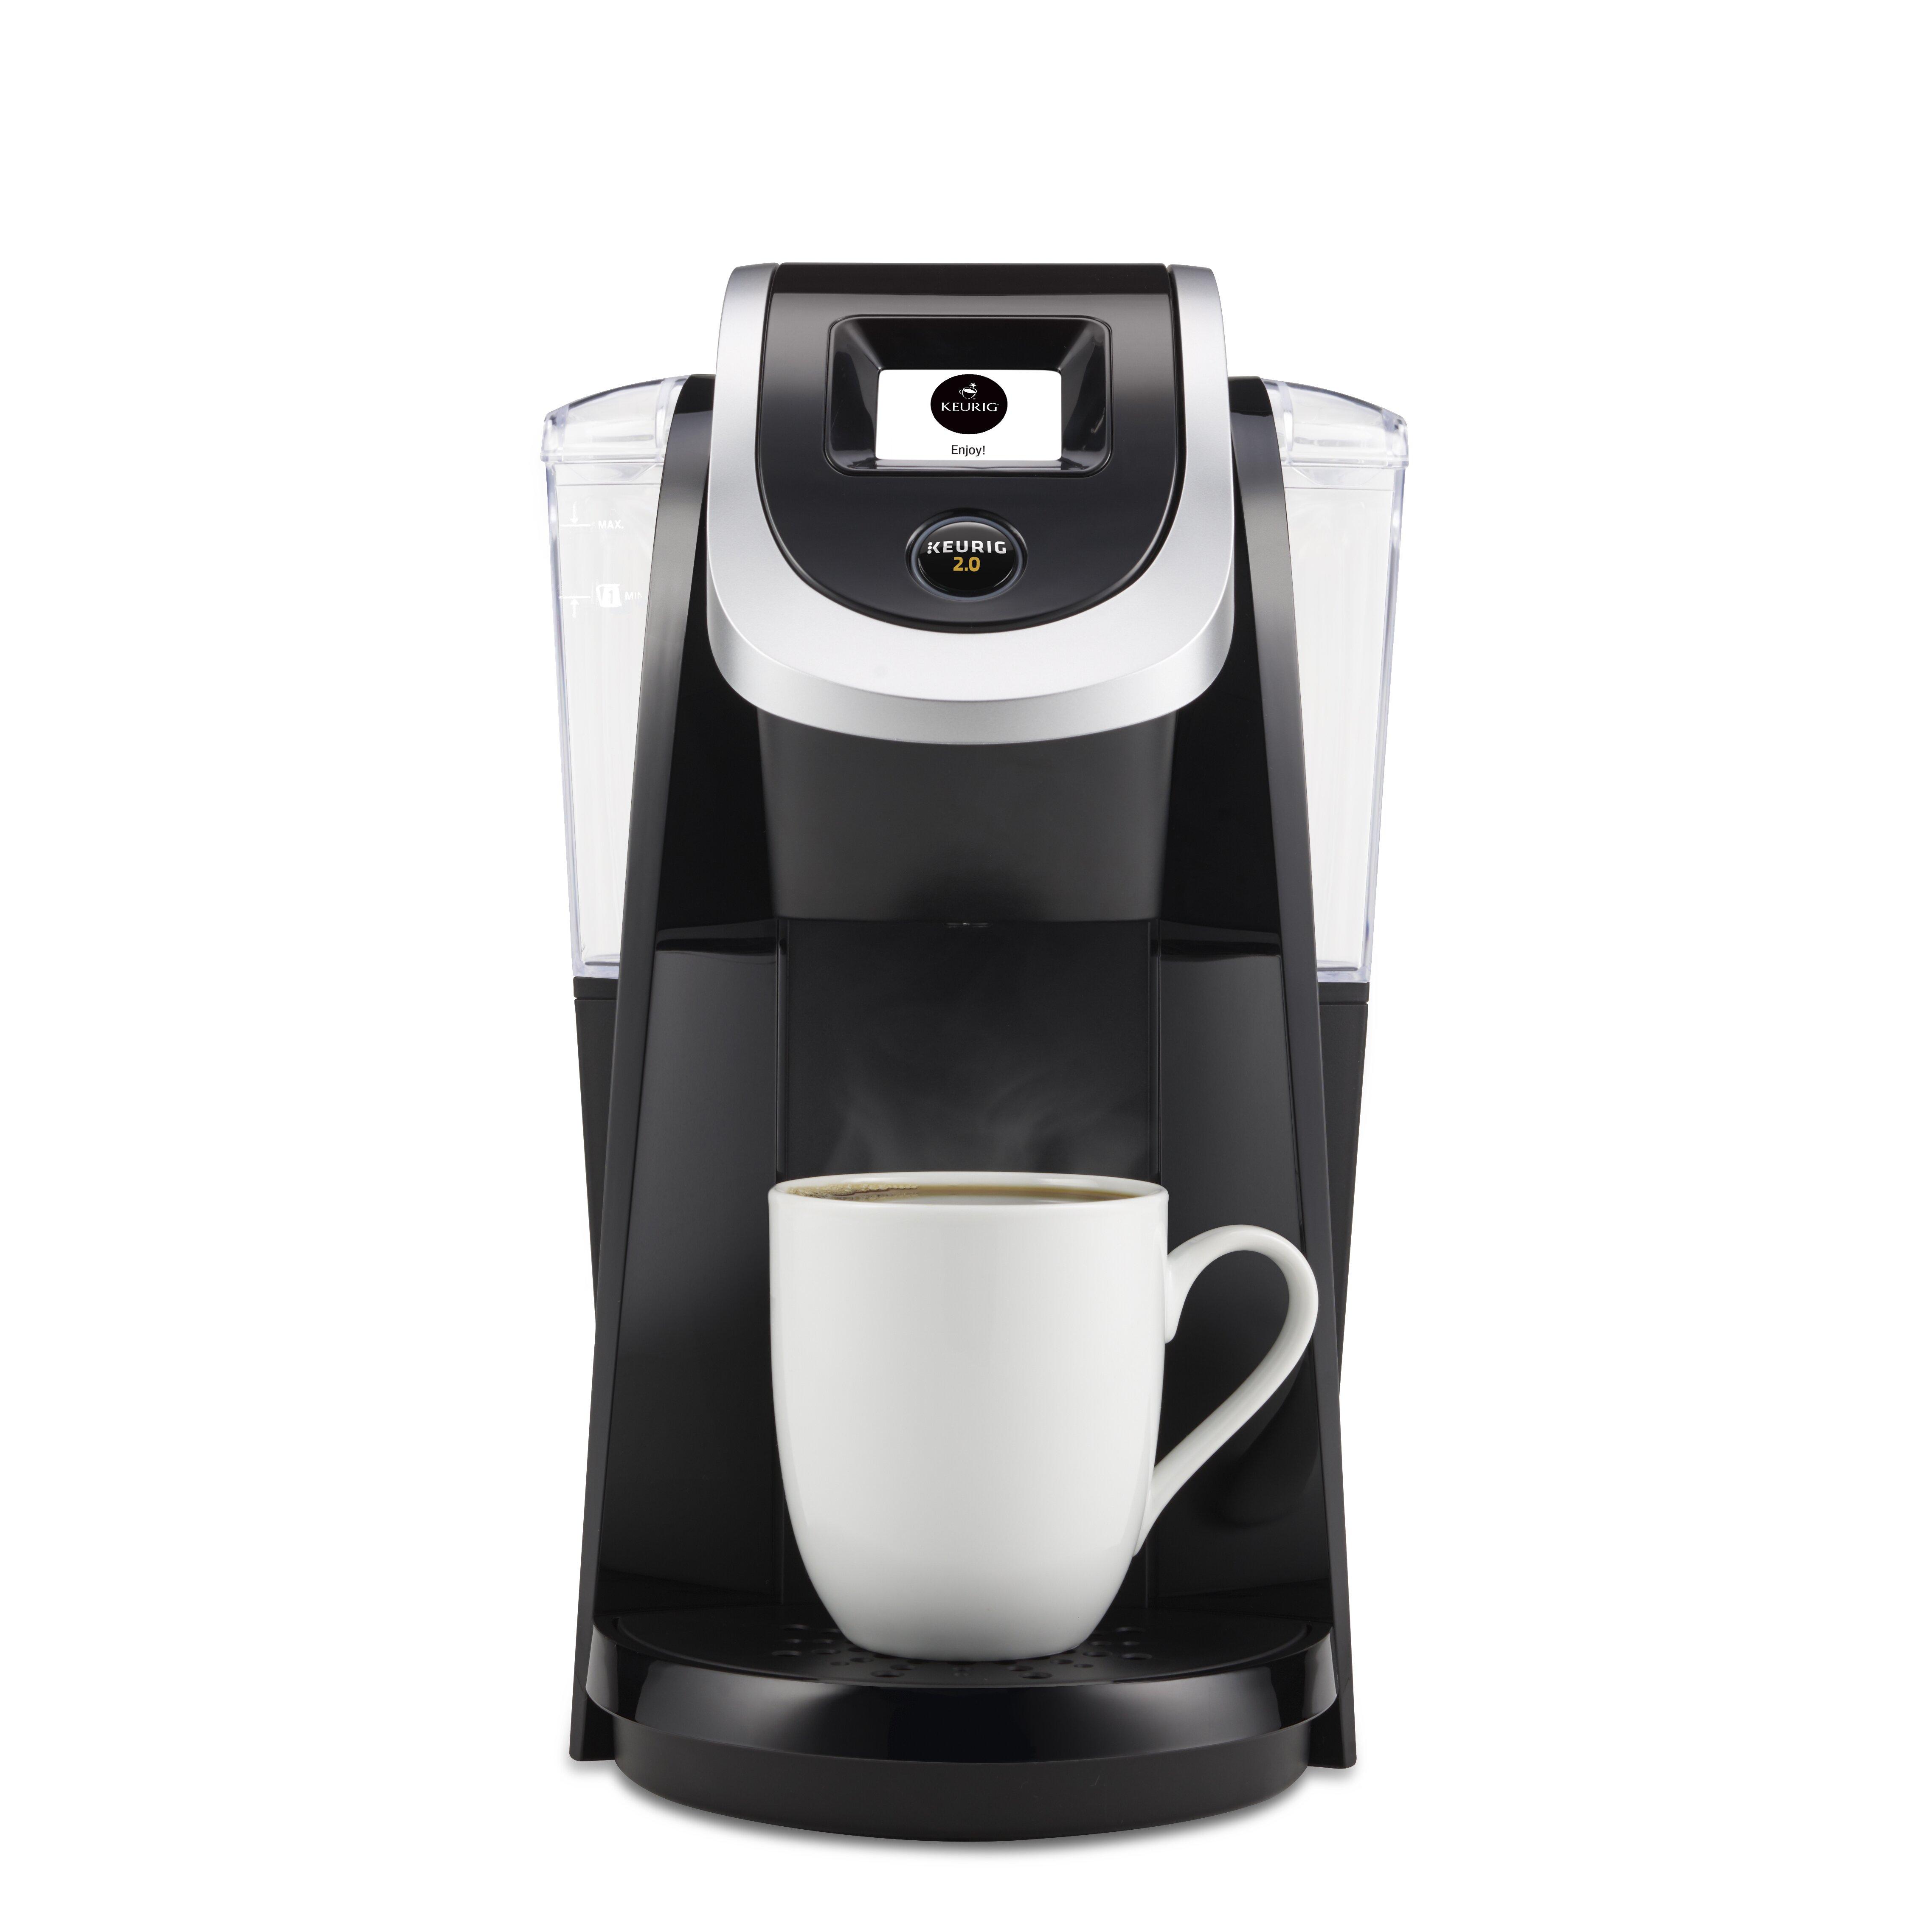 Coffee Maker Reviews Keurig : Keurig K250 Brewer Coffee Maker & Reviews Wayfair